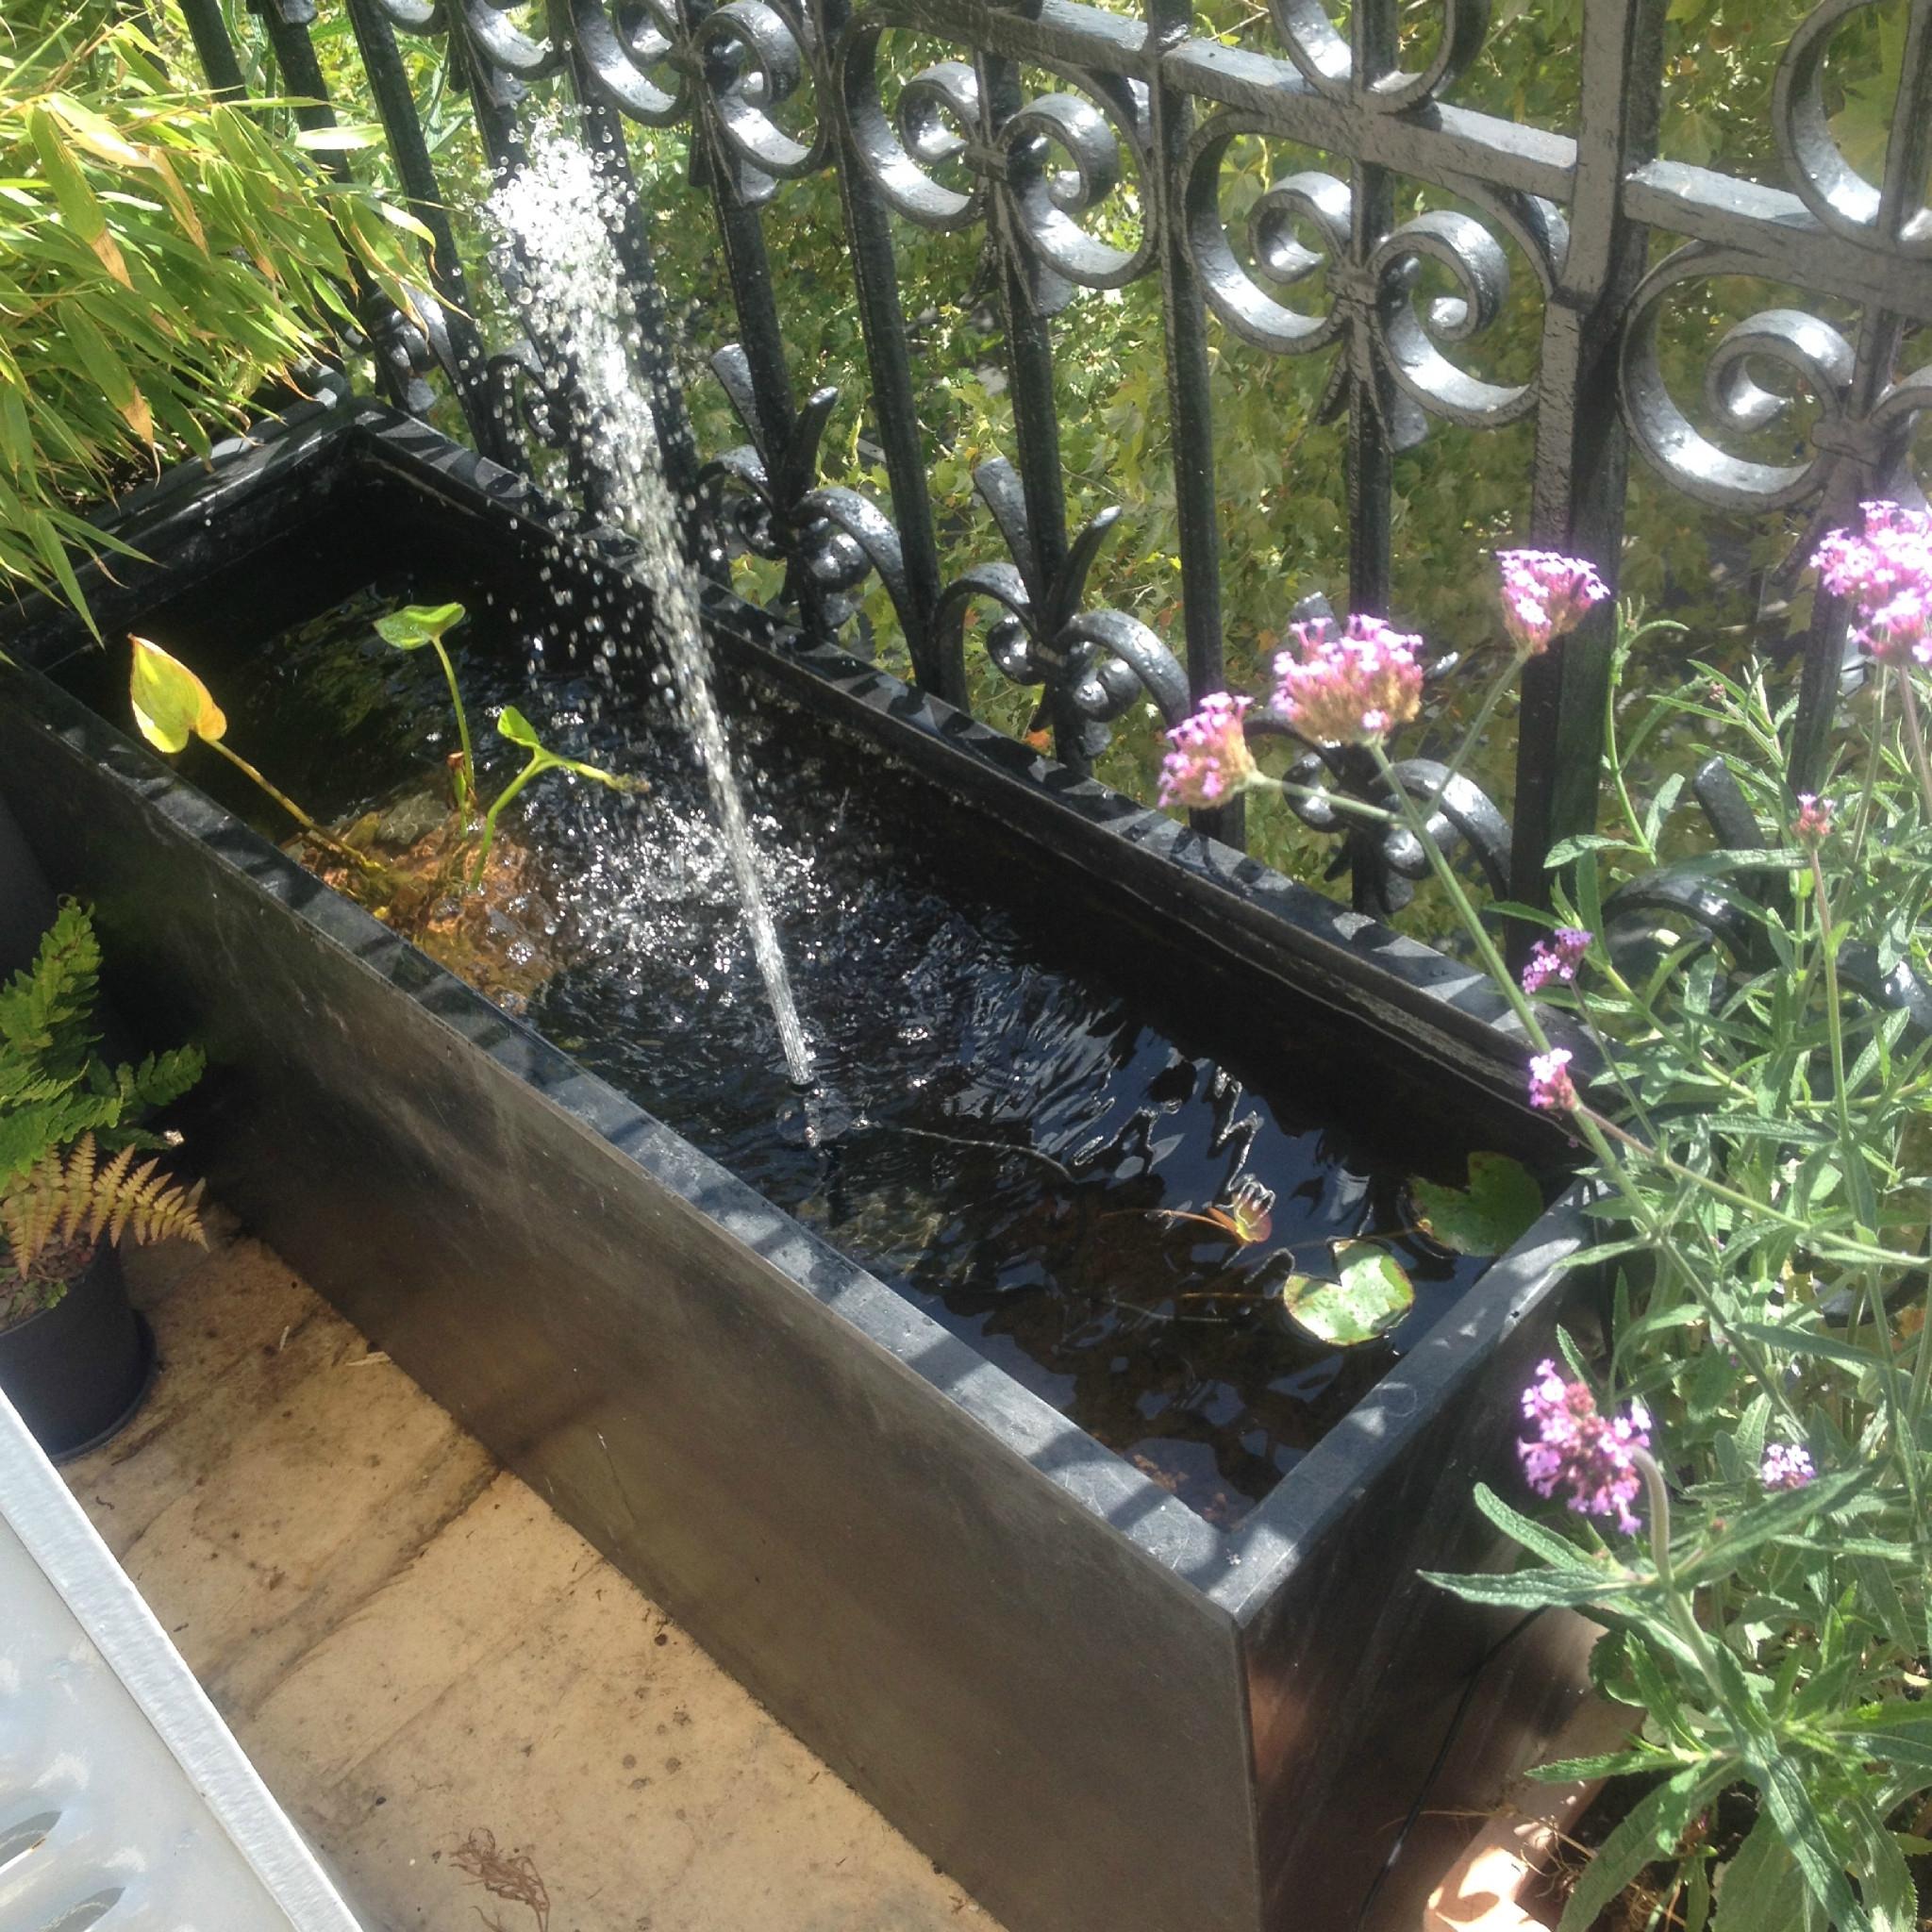 Voile Hivernage Botanic Beau Collection Etourdissant Hivernage Bassin Exterieur Idée En Les Famille